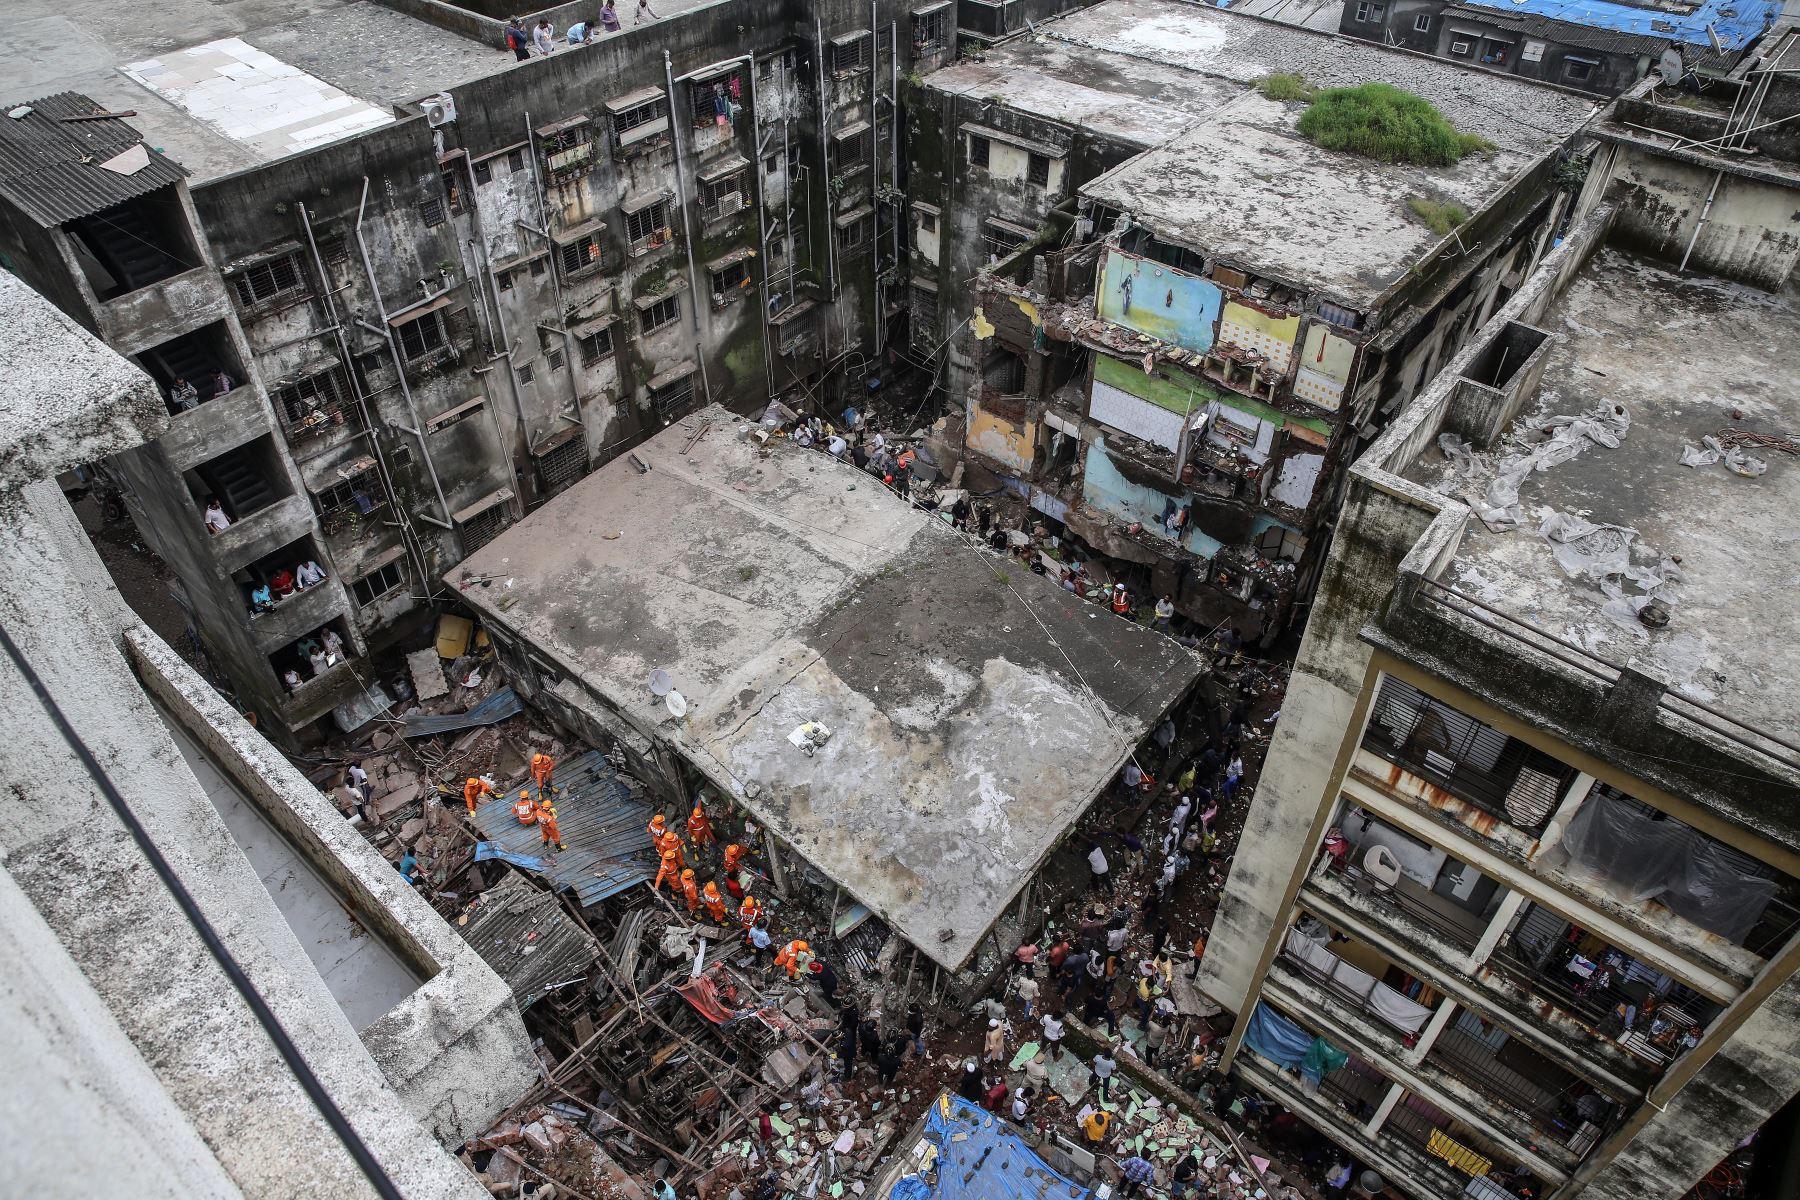 Vista panorámica tras el colapso de un edificio residencial en Bhiwandi, afueras de Mumbai, India. Foto: EFE